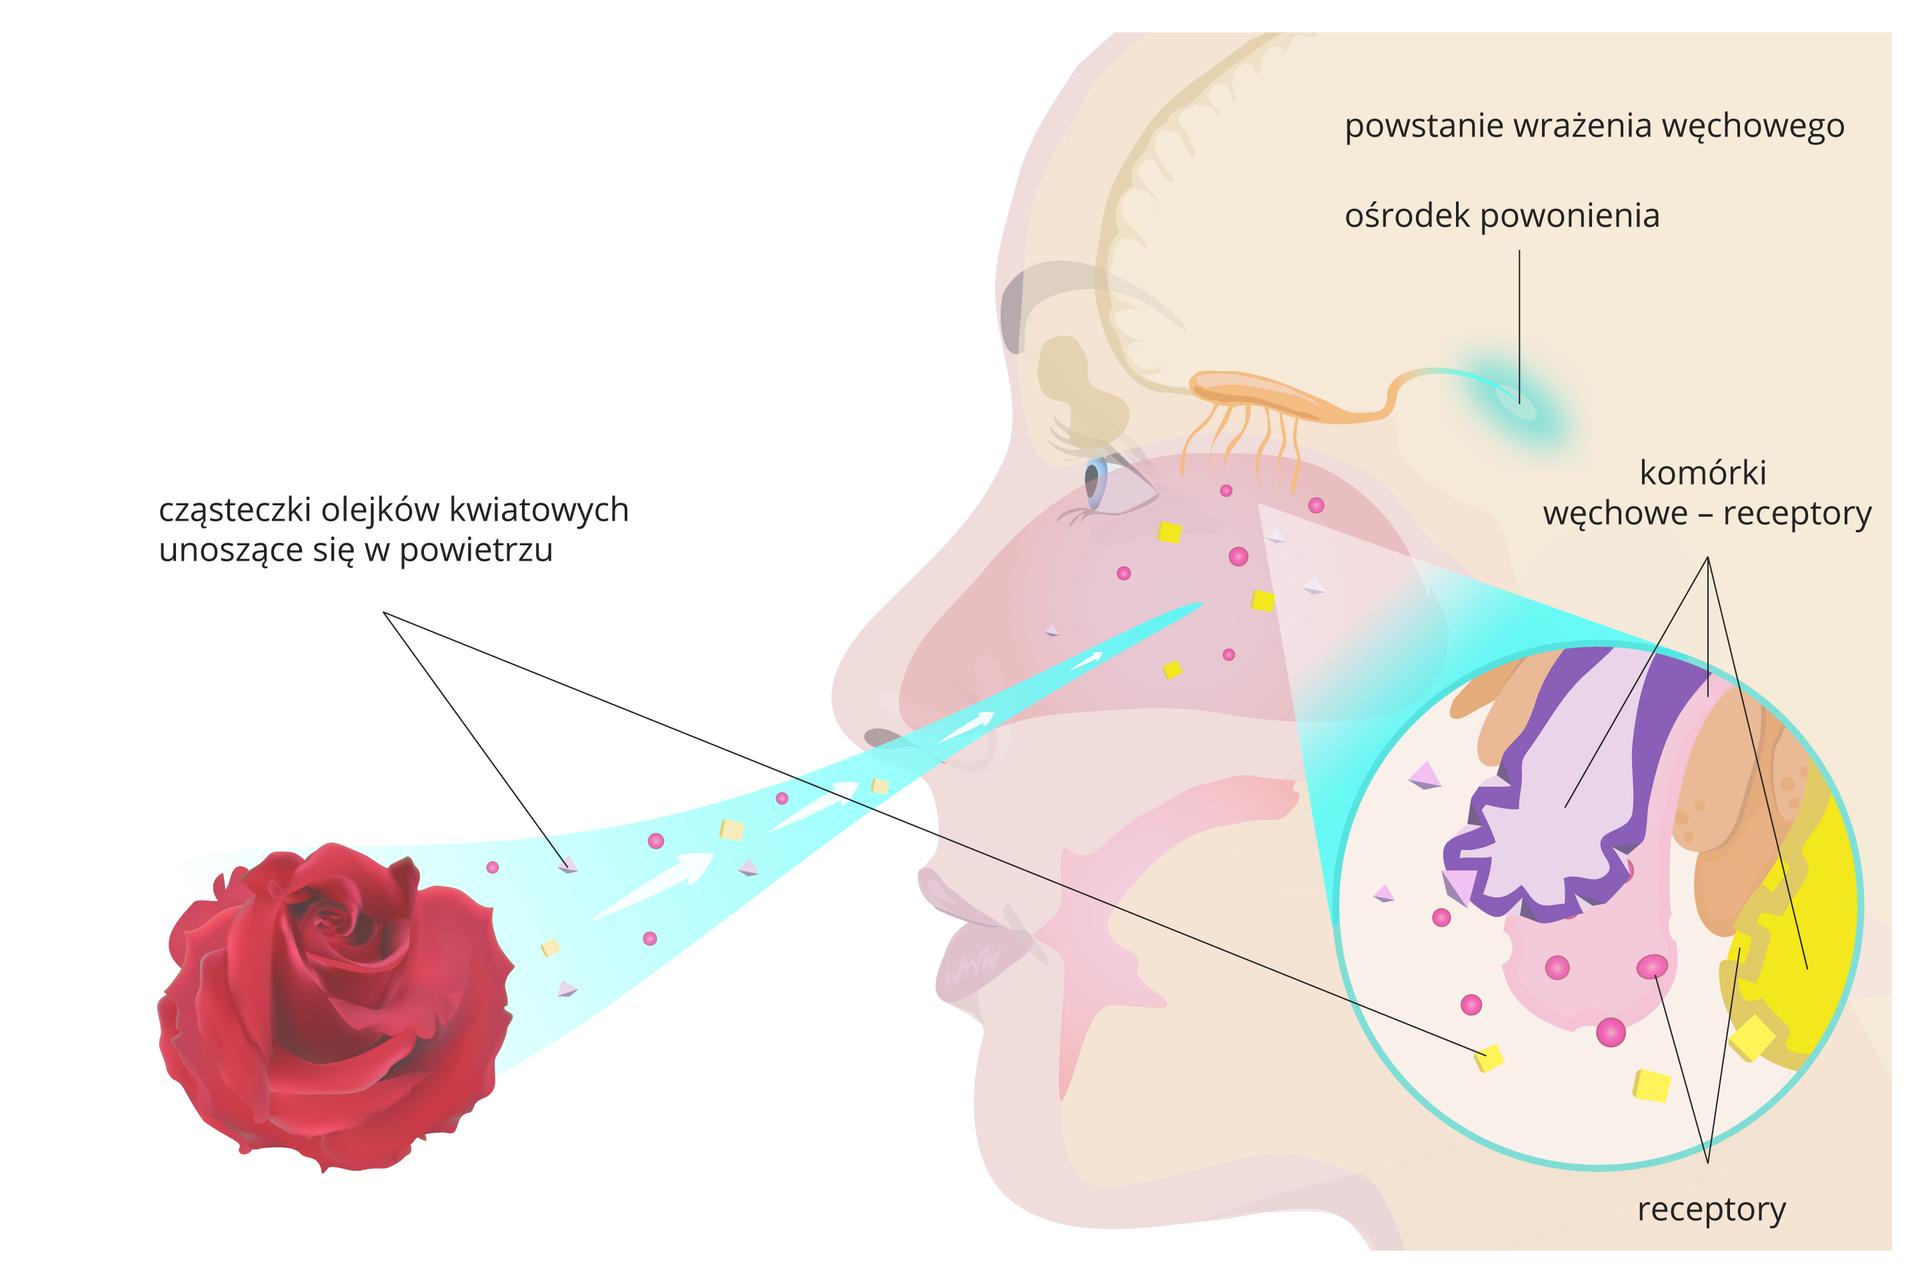 Ilustracja przedstawia zlewej czerwona różę, zktórej wbłękitnej smudze powietrza unoszą się różowe iżółte cząsteczki olejków eterycznych. Trafiają do jamy nosowej, wktórej na górze znajduje się beżowa opuszka węchowa. Nerw od niej prowadzi do ośrodka powonienia. Fragment powiększony przedstawia różne komórki węchowe wbłonie śluzowej jamy nosowej. Mają receptory, do których przyczepiają się cząsteczki zapachowe olejków. Powstaje wrażenie węchowe.